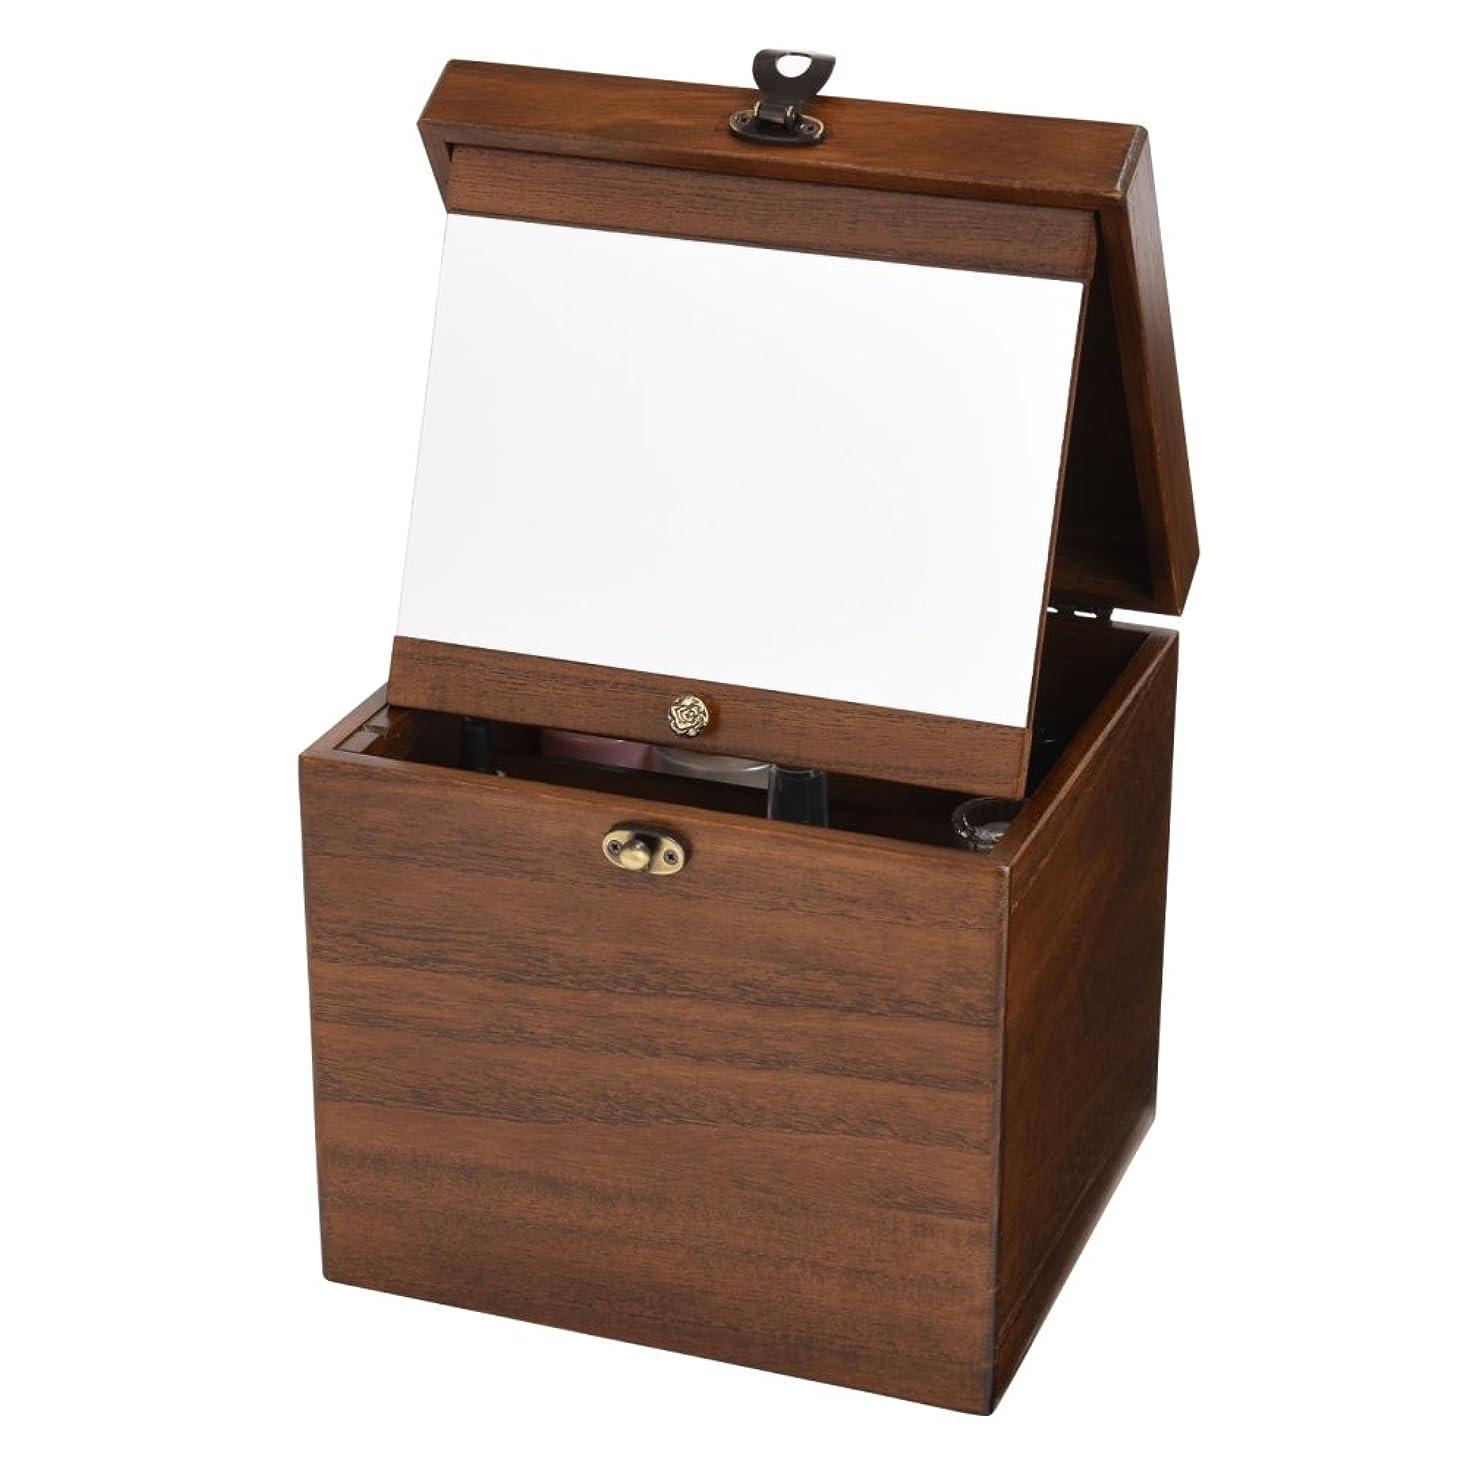 不適当モール観察木製コスメボックス 収納 鏡付き 持ち運び 化粧ボックス メイクボックス 日本製